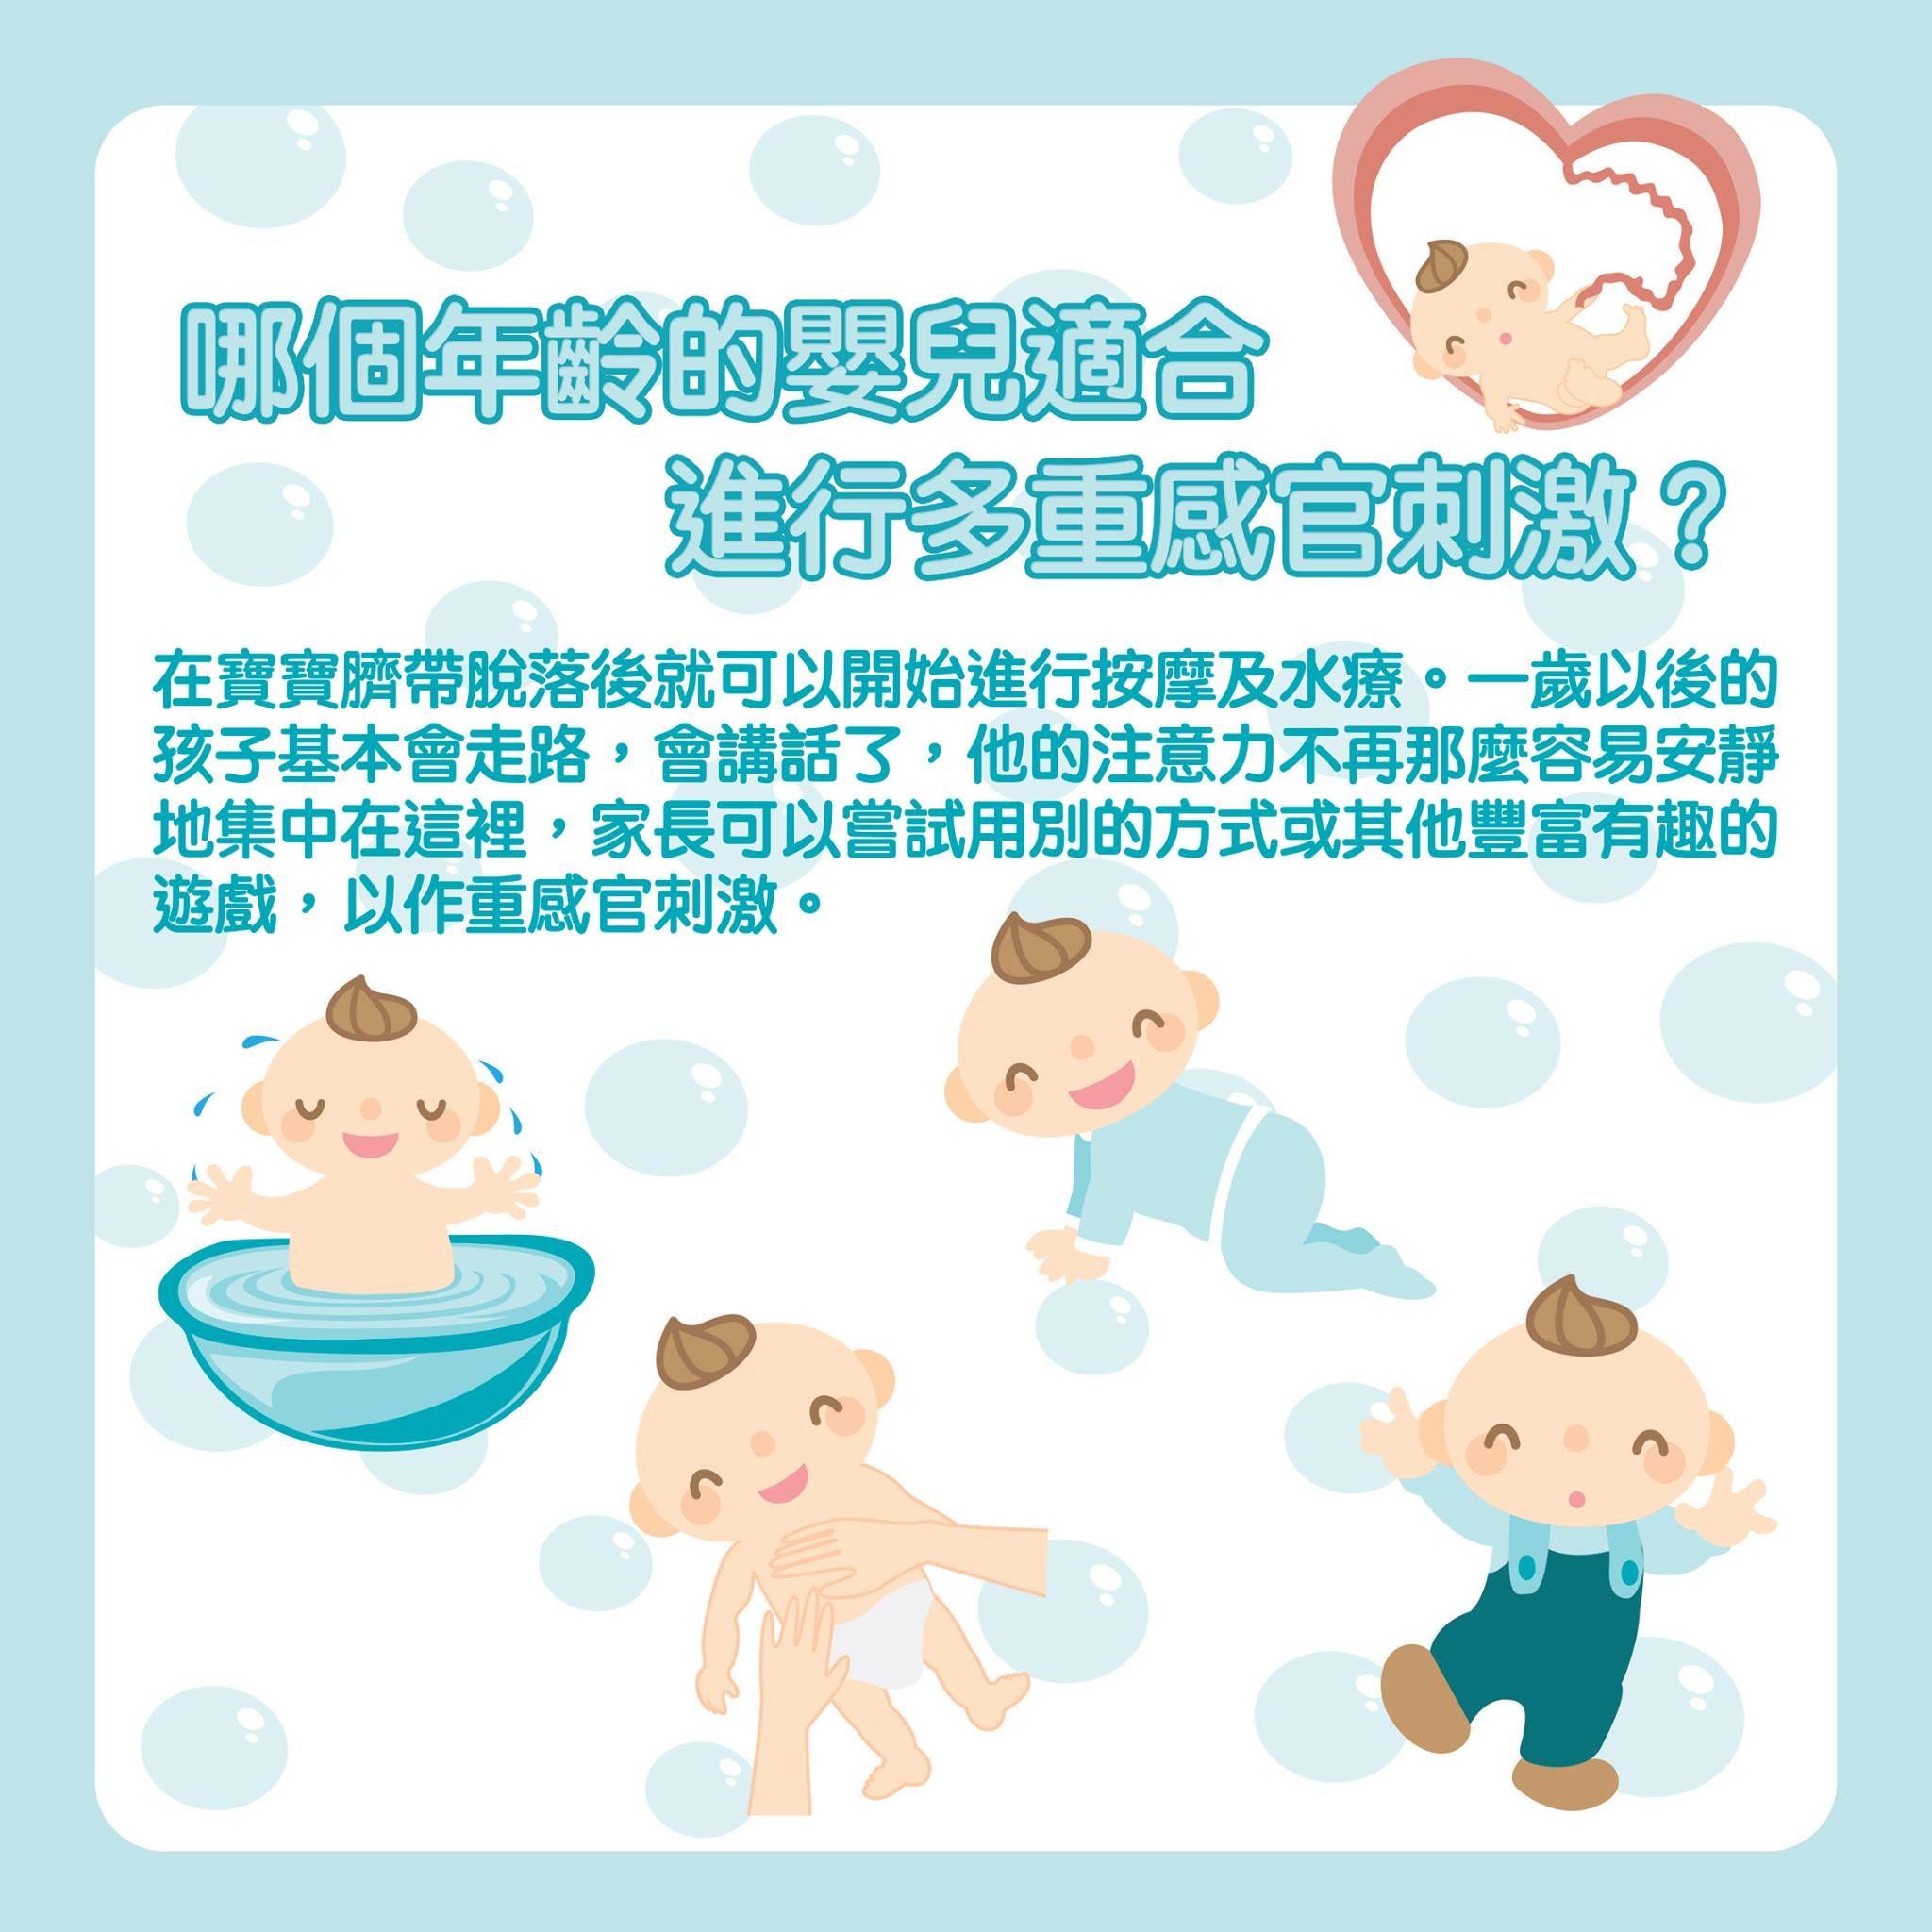 哪個年齡的嬰兒適合進行多重感官刺激❔ 在寶寶臍帶脫落後就可以開始進行按摩及水療💦一歲以後的孩子基本會走路🚶會講話了🔈他的注意力不再那麼容易安靜地集中在這裡,家長可以嘗試用別的方式或其他豐富有趣的遊戲🚗以作多重感官刺激🚼